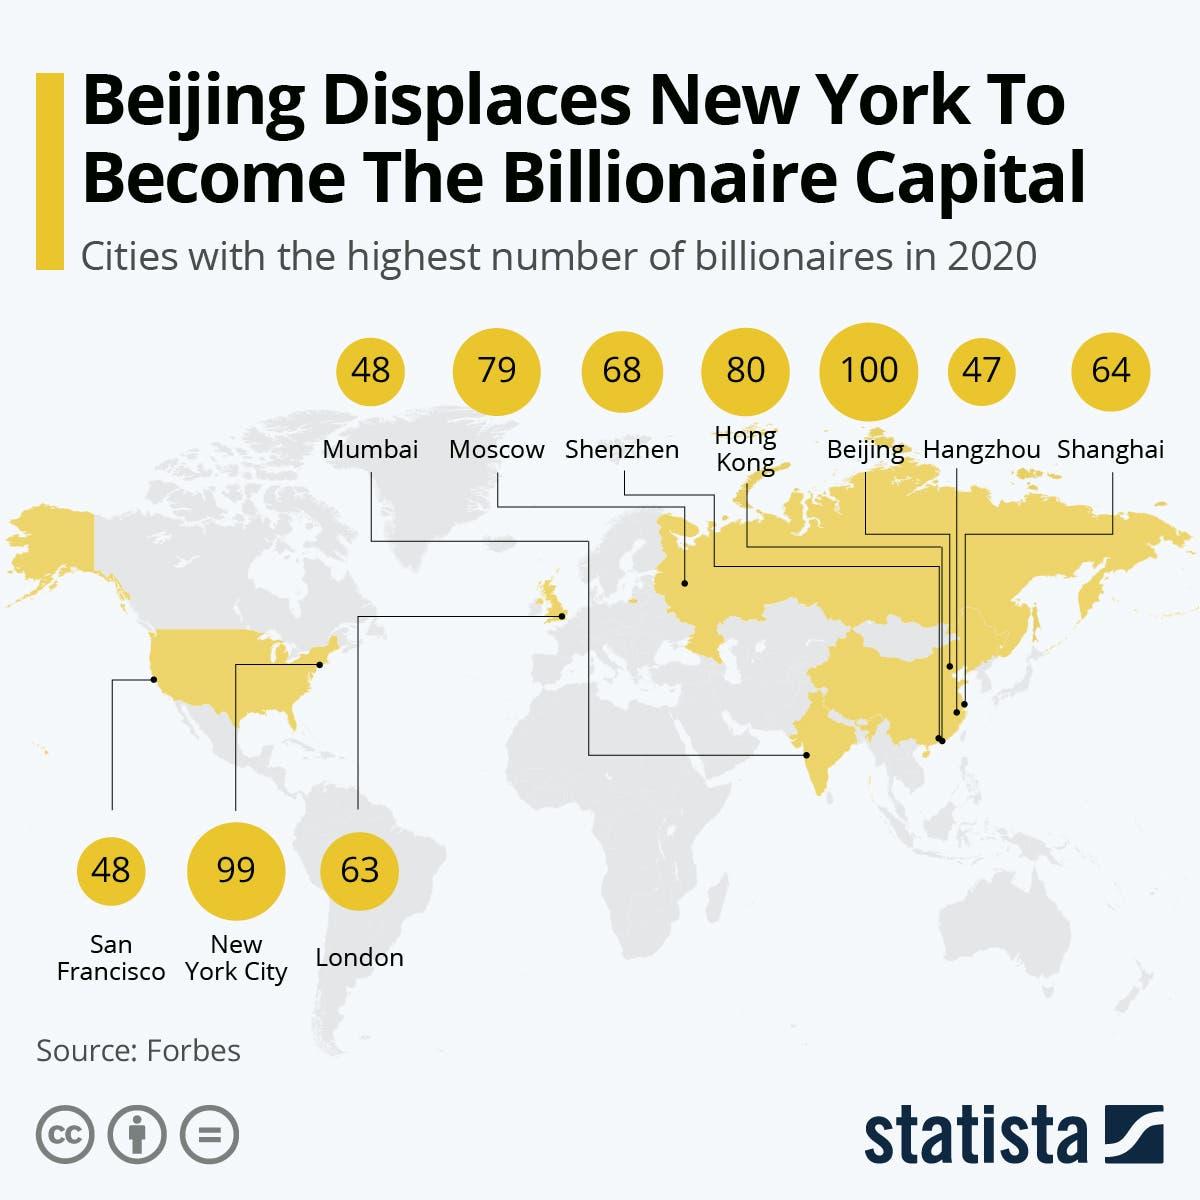 مدن المليارديرات